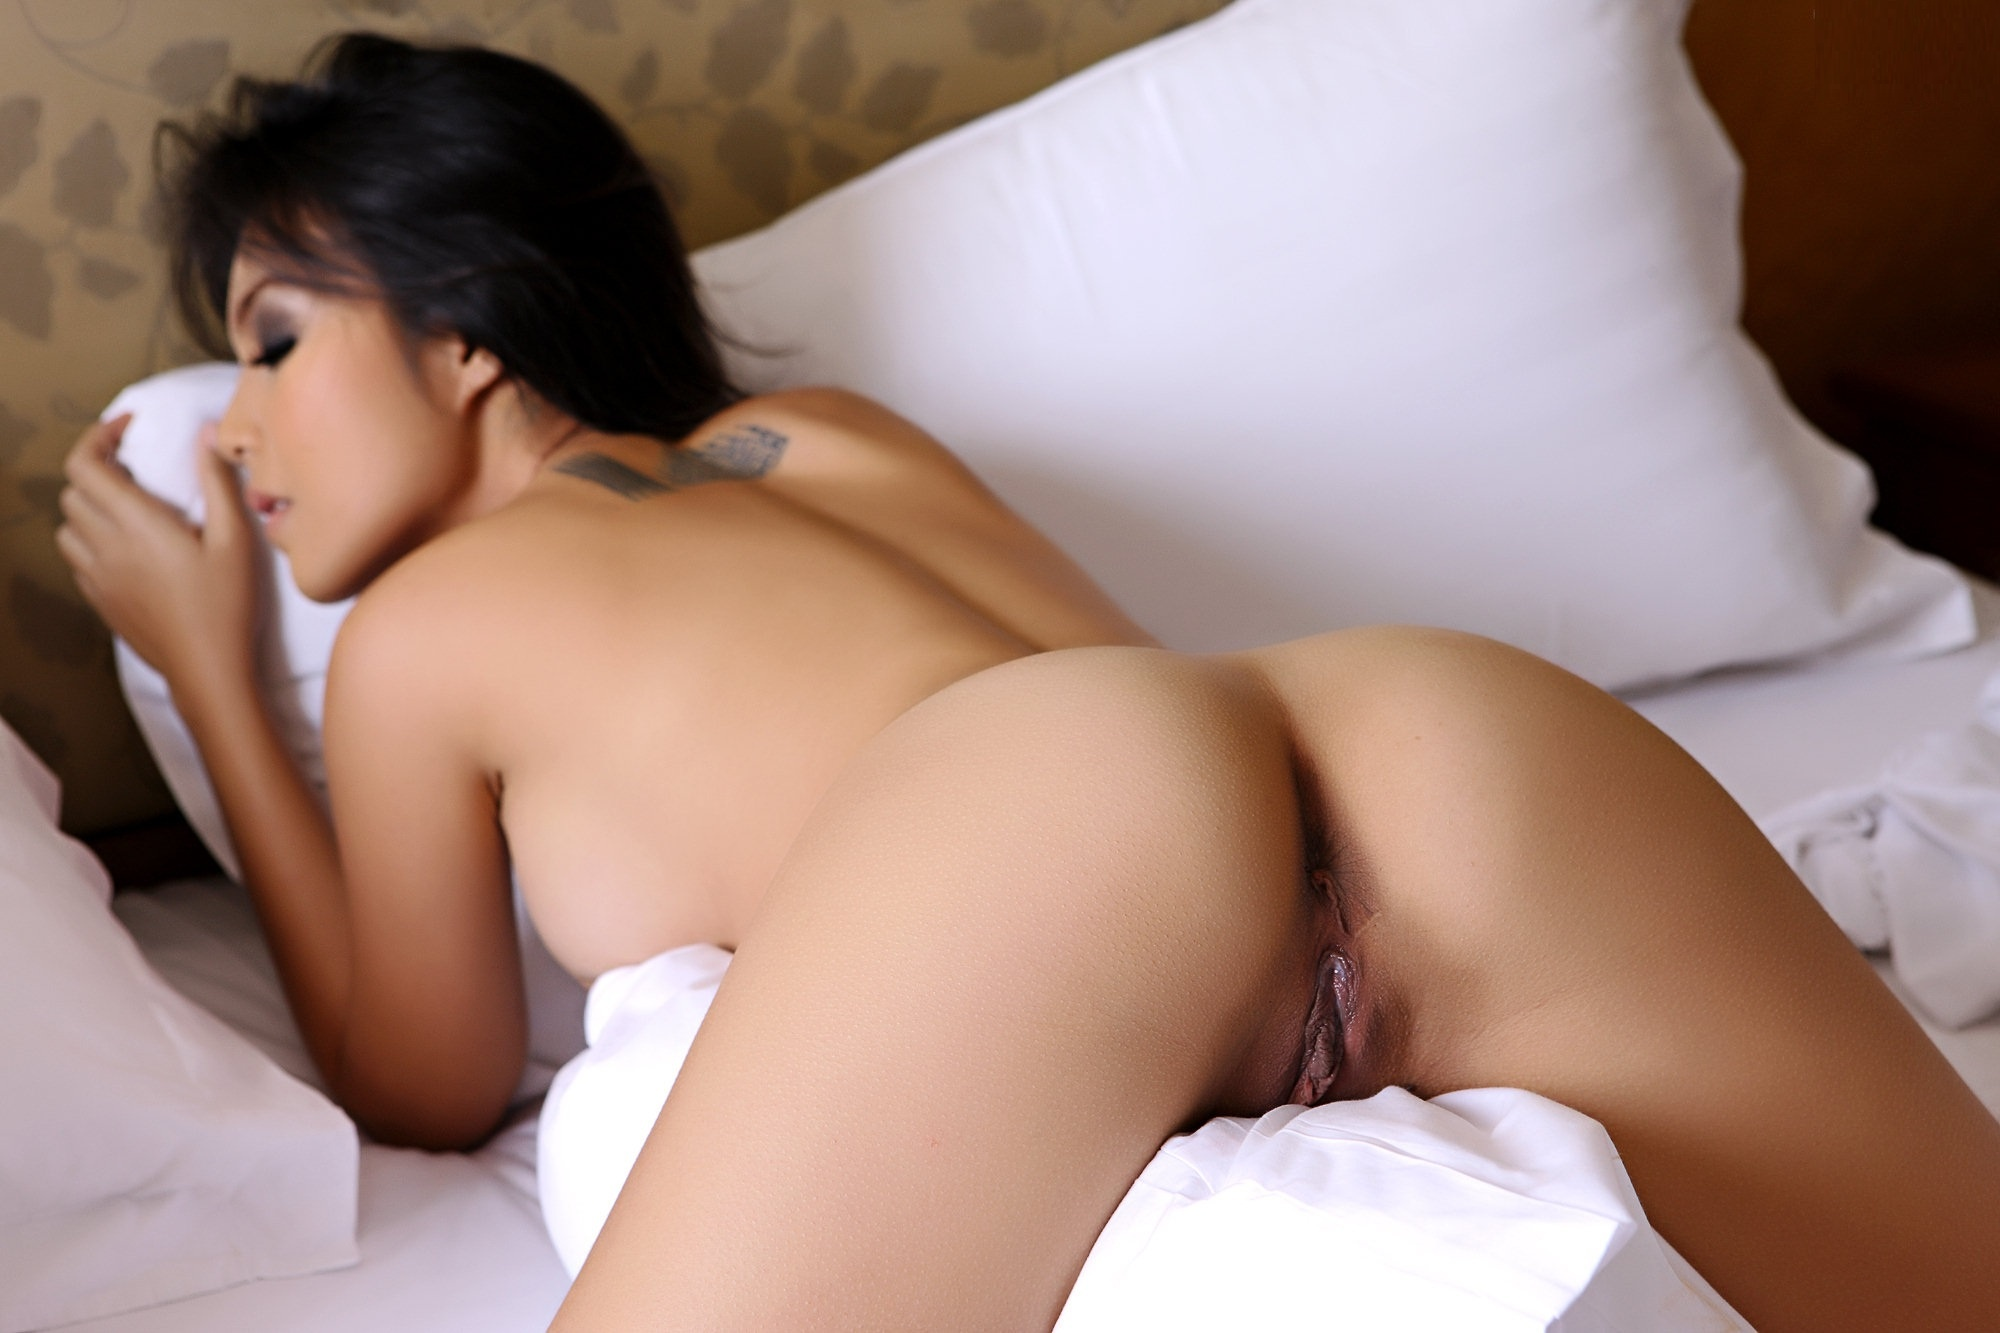 Asian Teen Ass Fuck hot ass asian girl getting fucked so damn hard - hot ass